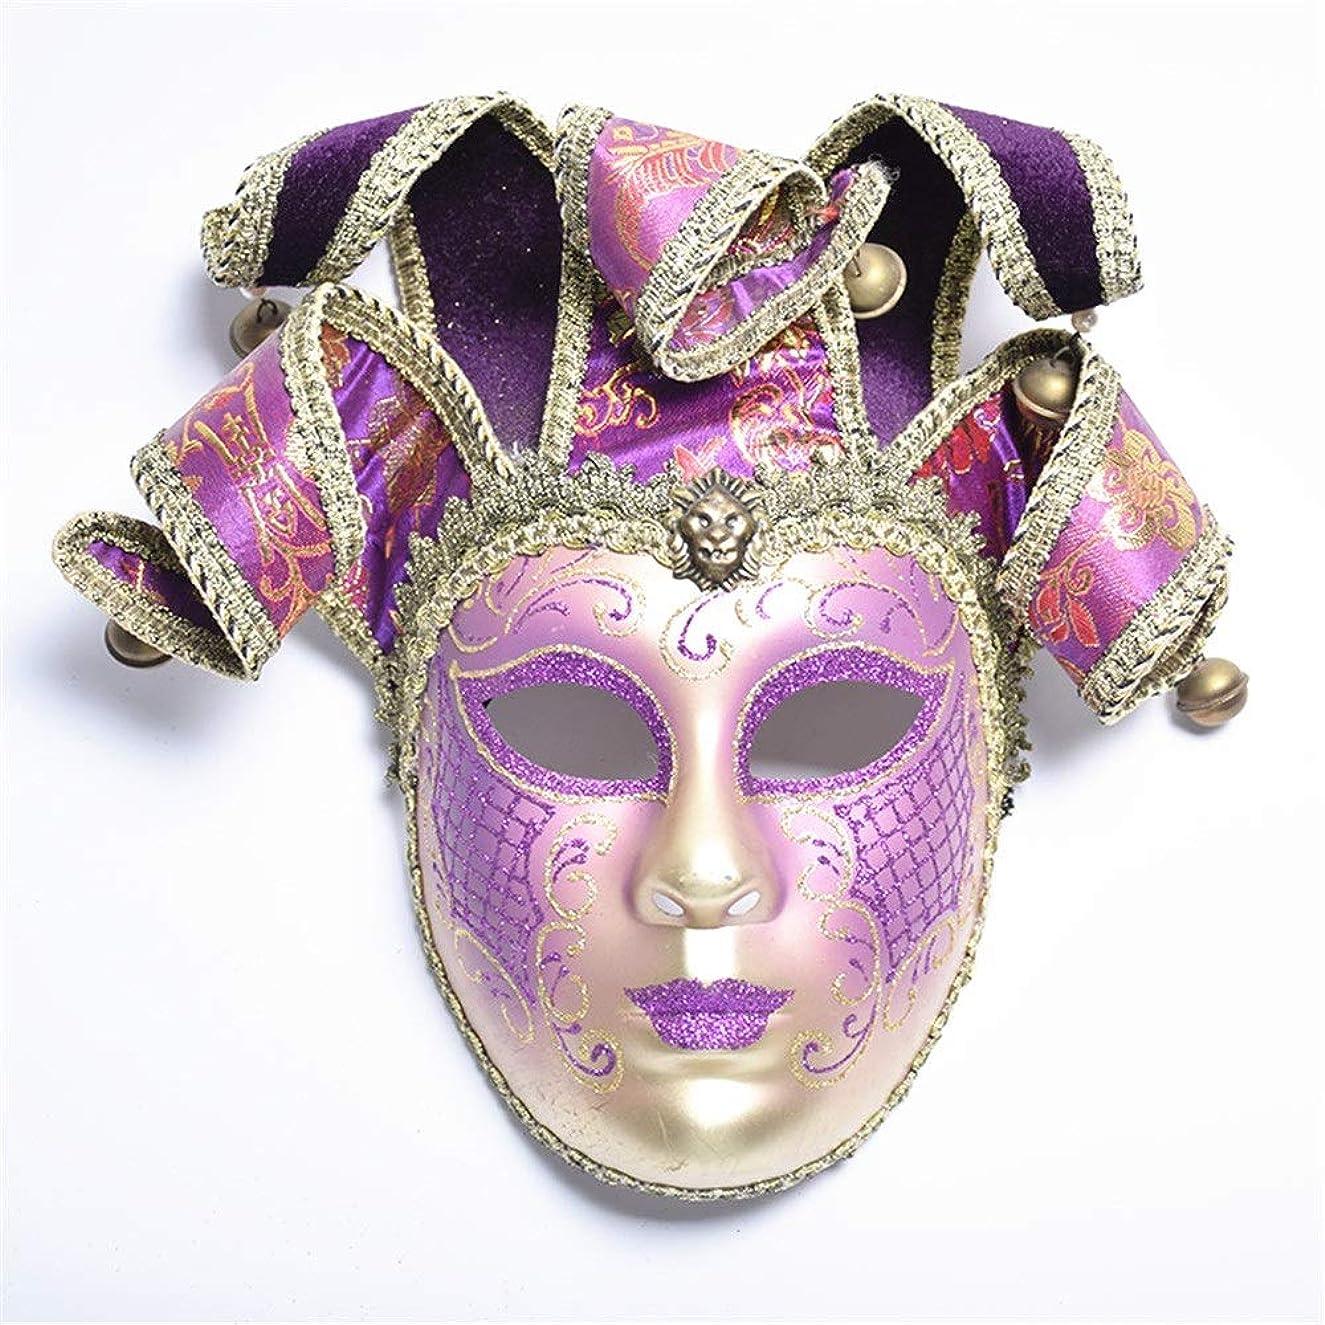 粘り強い振り子名前でダンスマスク ヴィンテージベルマスクフルフェイスハンドペイントパーティーマスクフェスティバルコスプレナイトクラブパーティープラスチックマスクガールビューティーレディ ホリデーパーティー用品 (色 : 紫の, サイズ : 35x32cm)